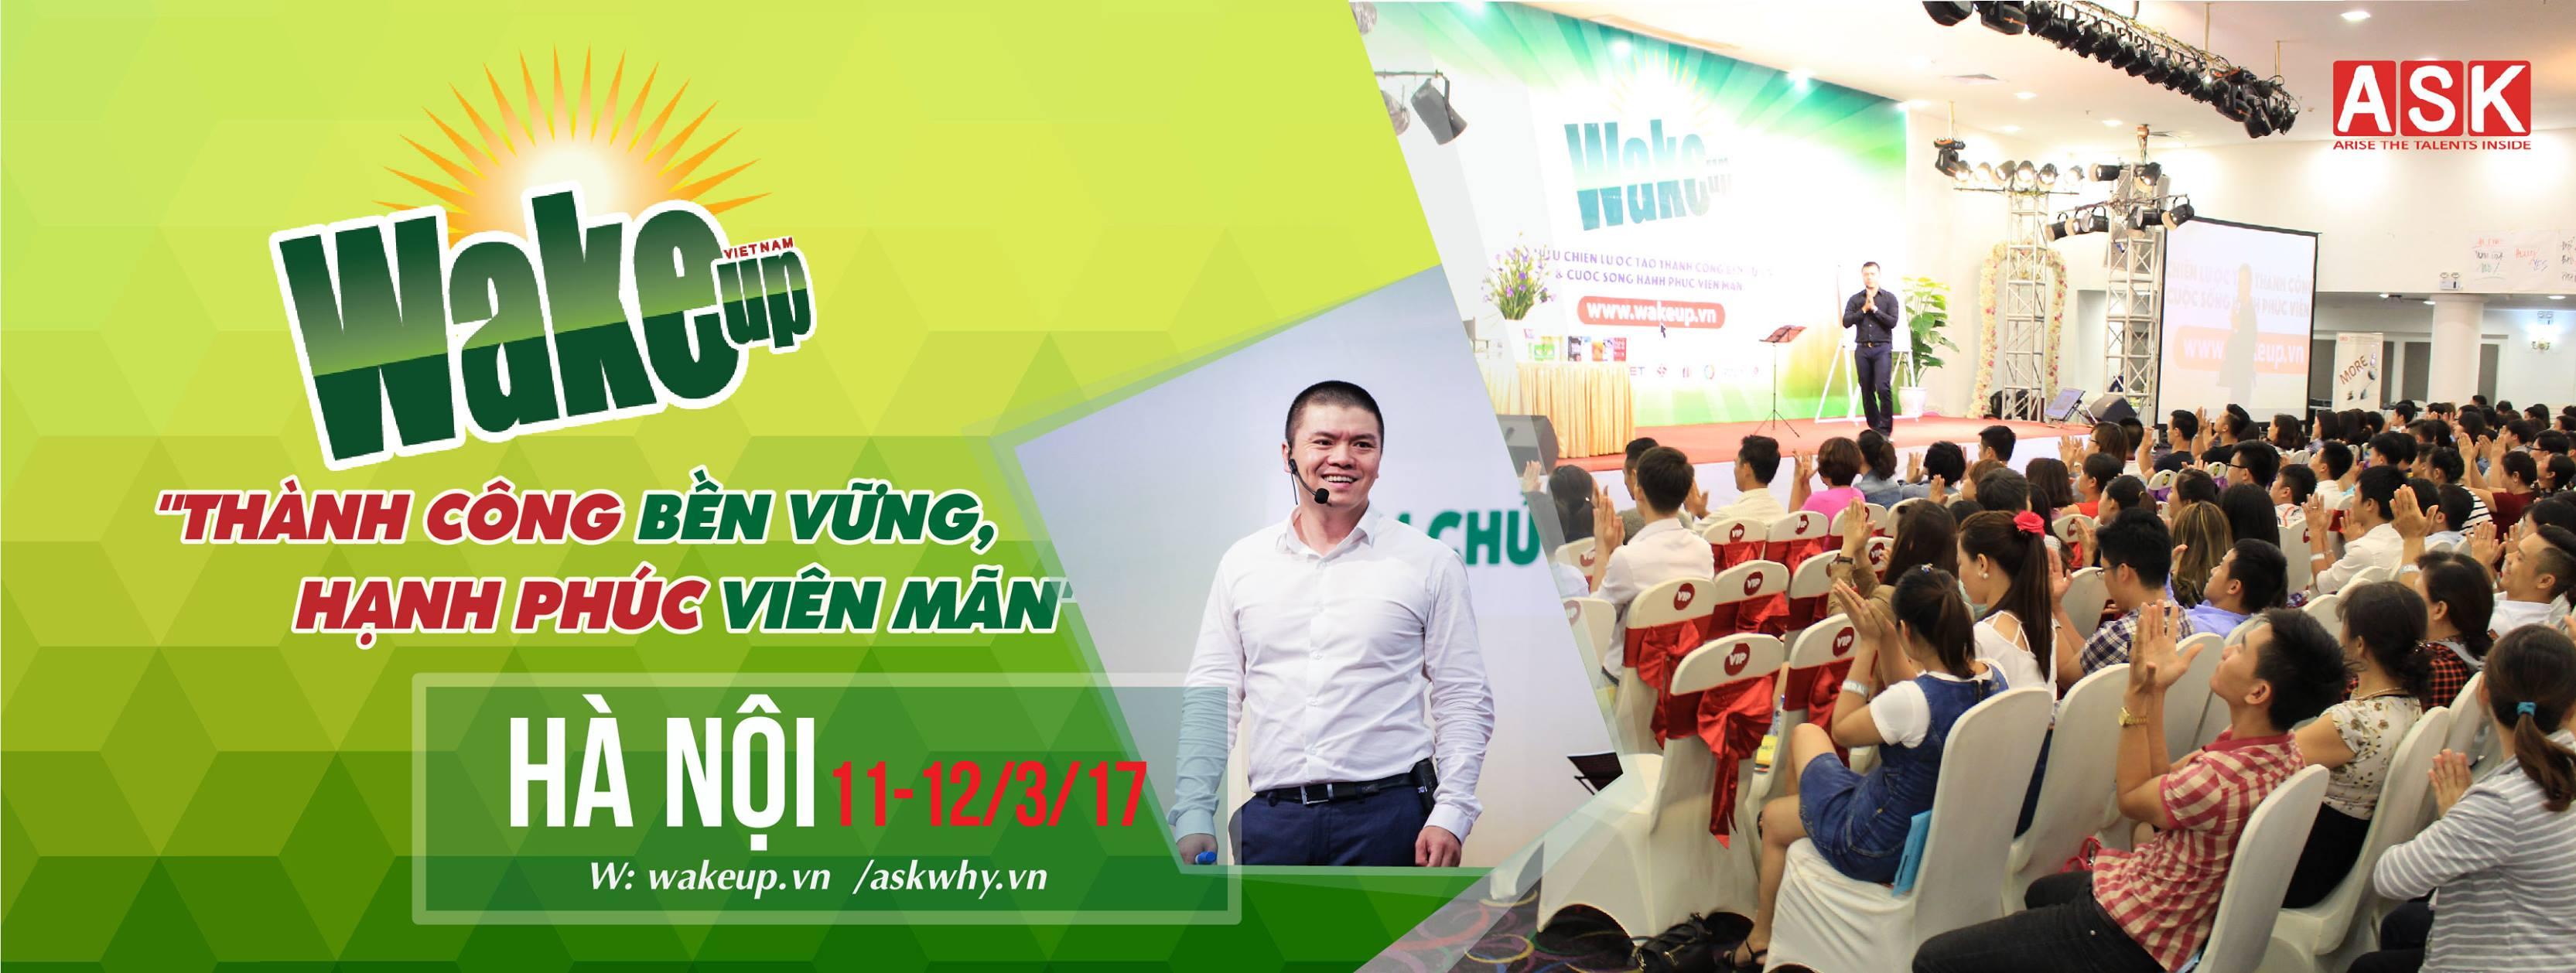 Thông báo địa điểm tổ chức Wake Up tháng 3 tại Hà Nội